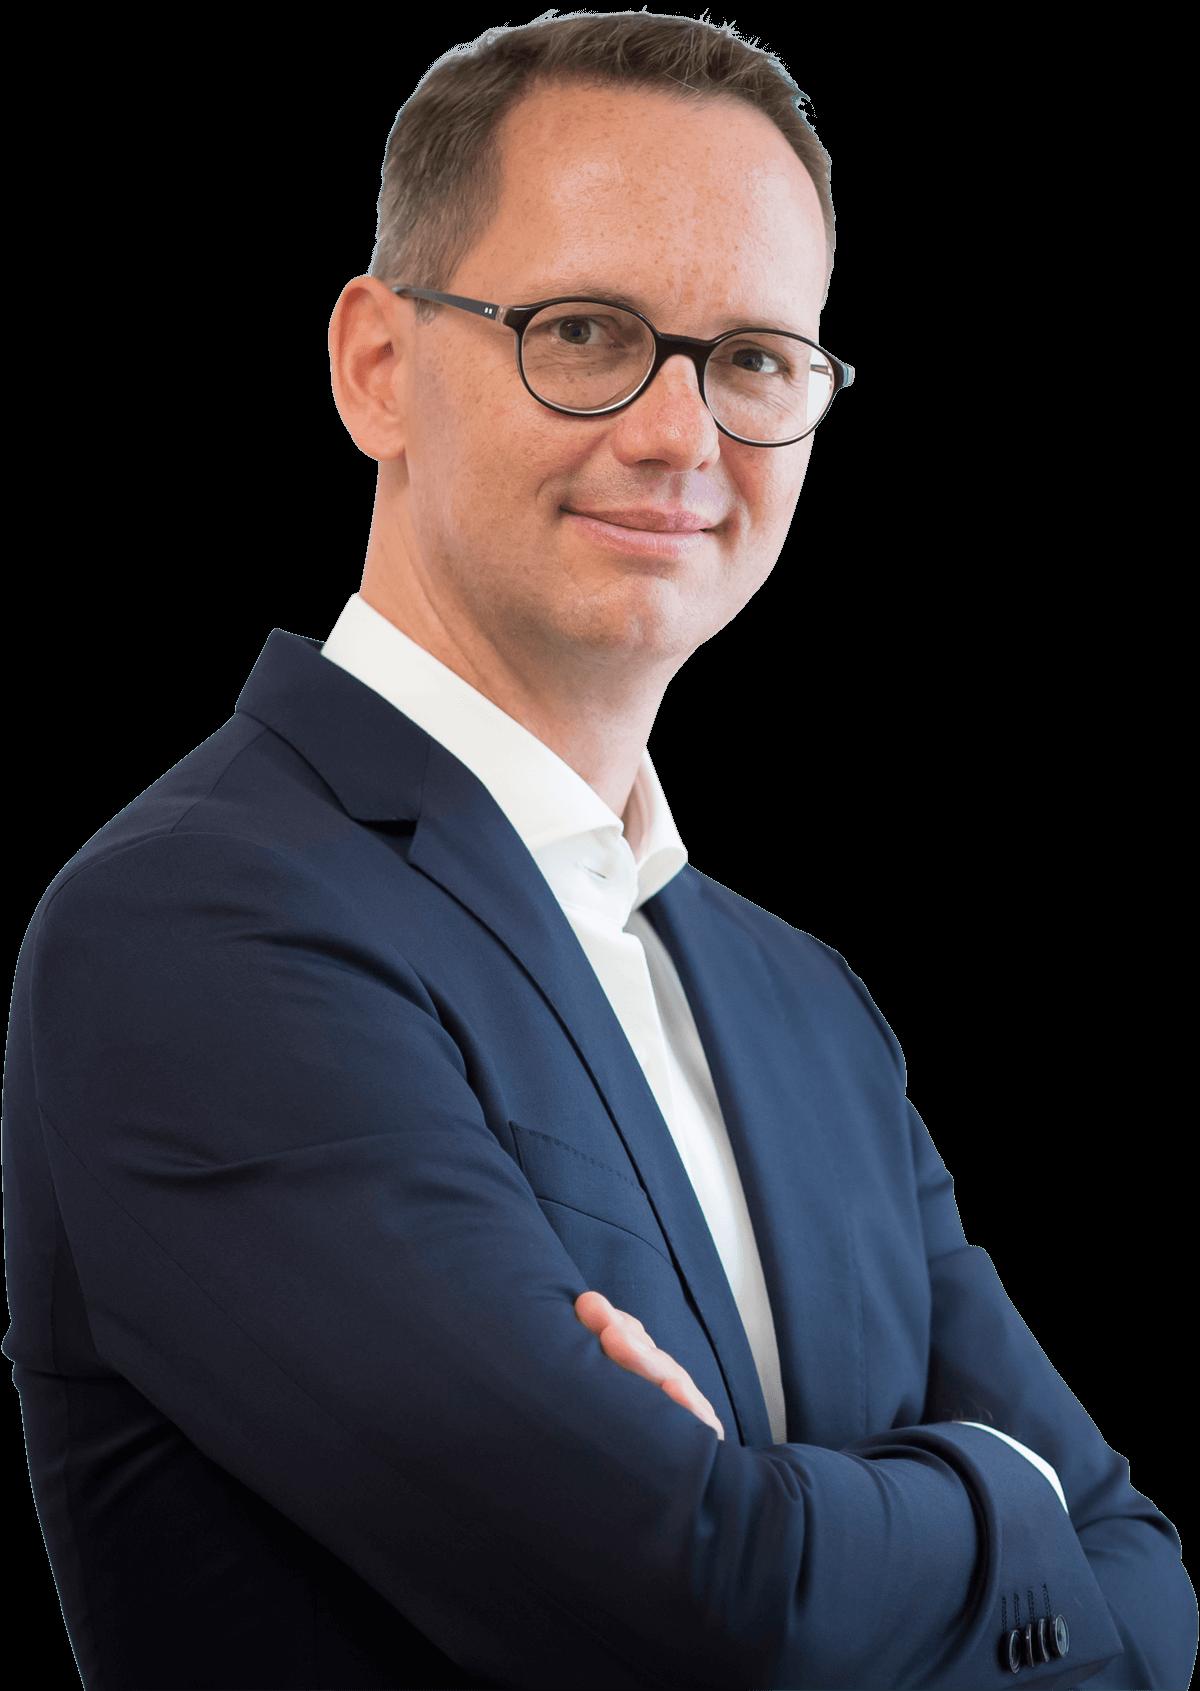 Georg Jocham - Der Problemlöser